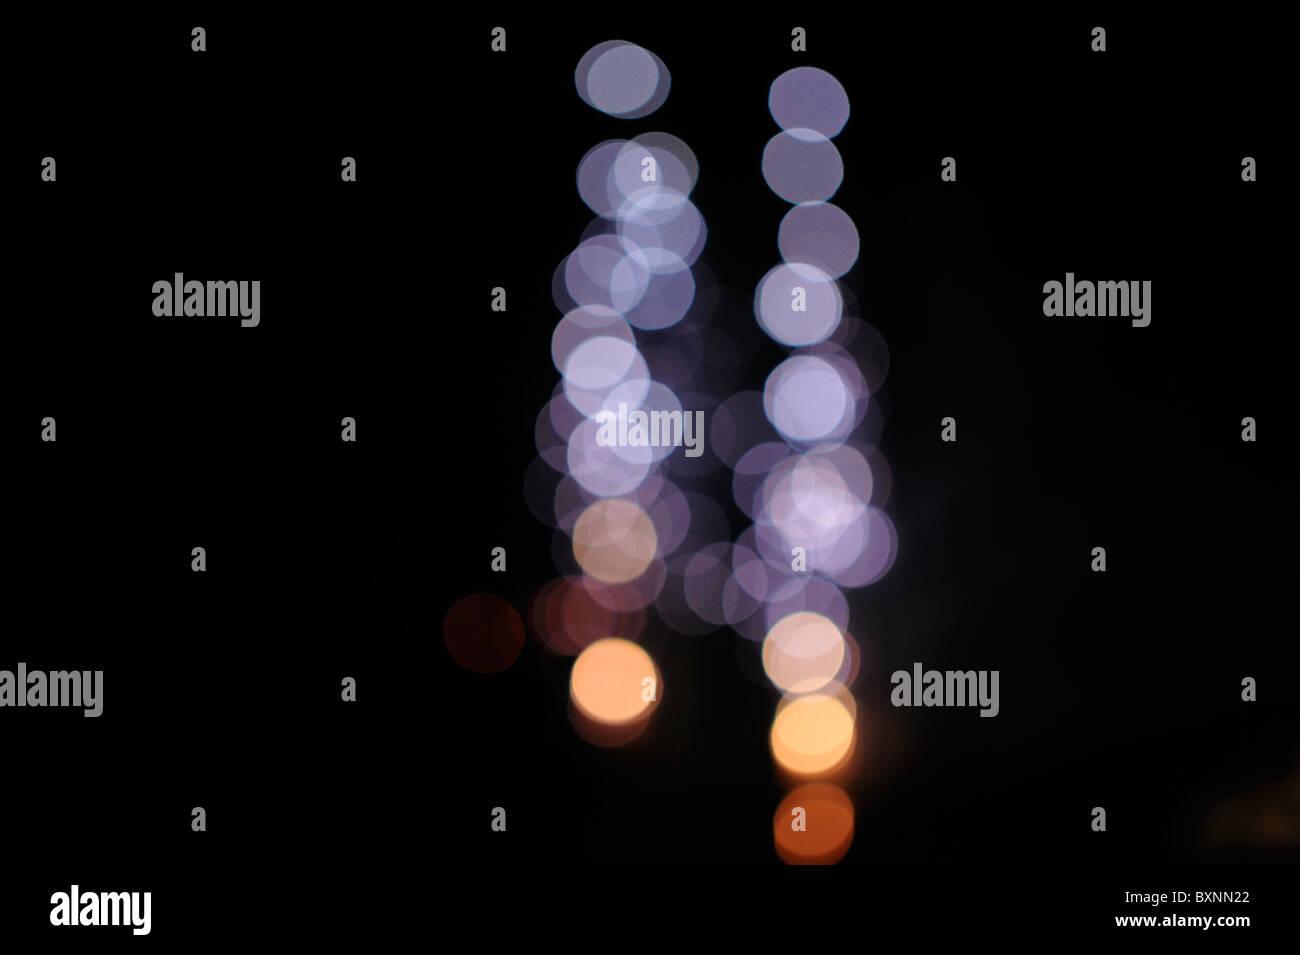 Abstrakte Lichtmuster Stockbild